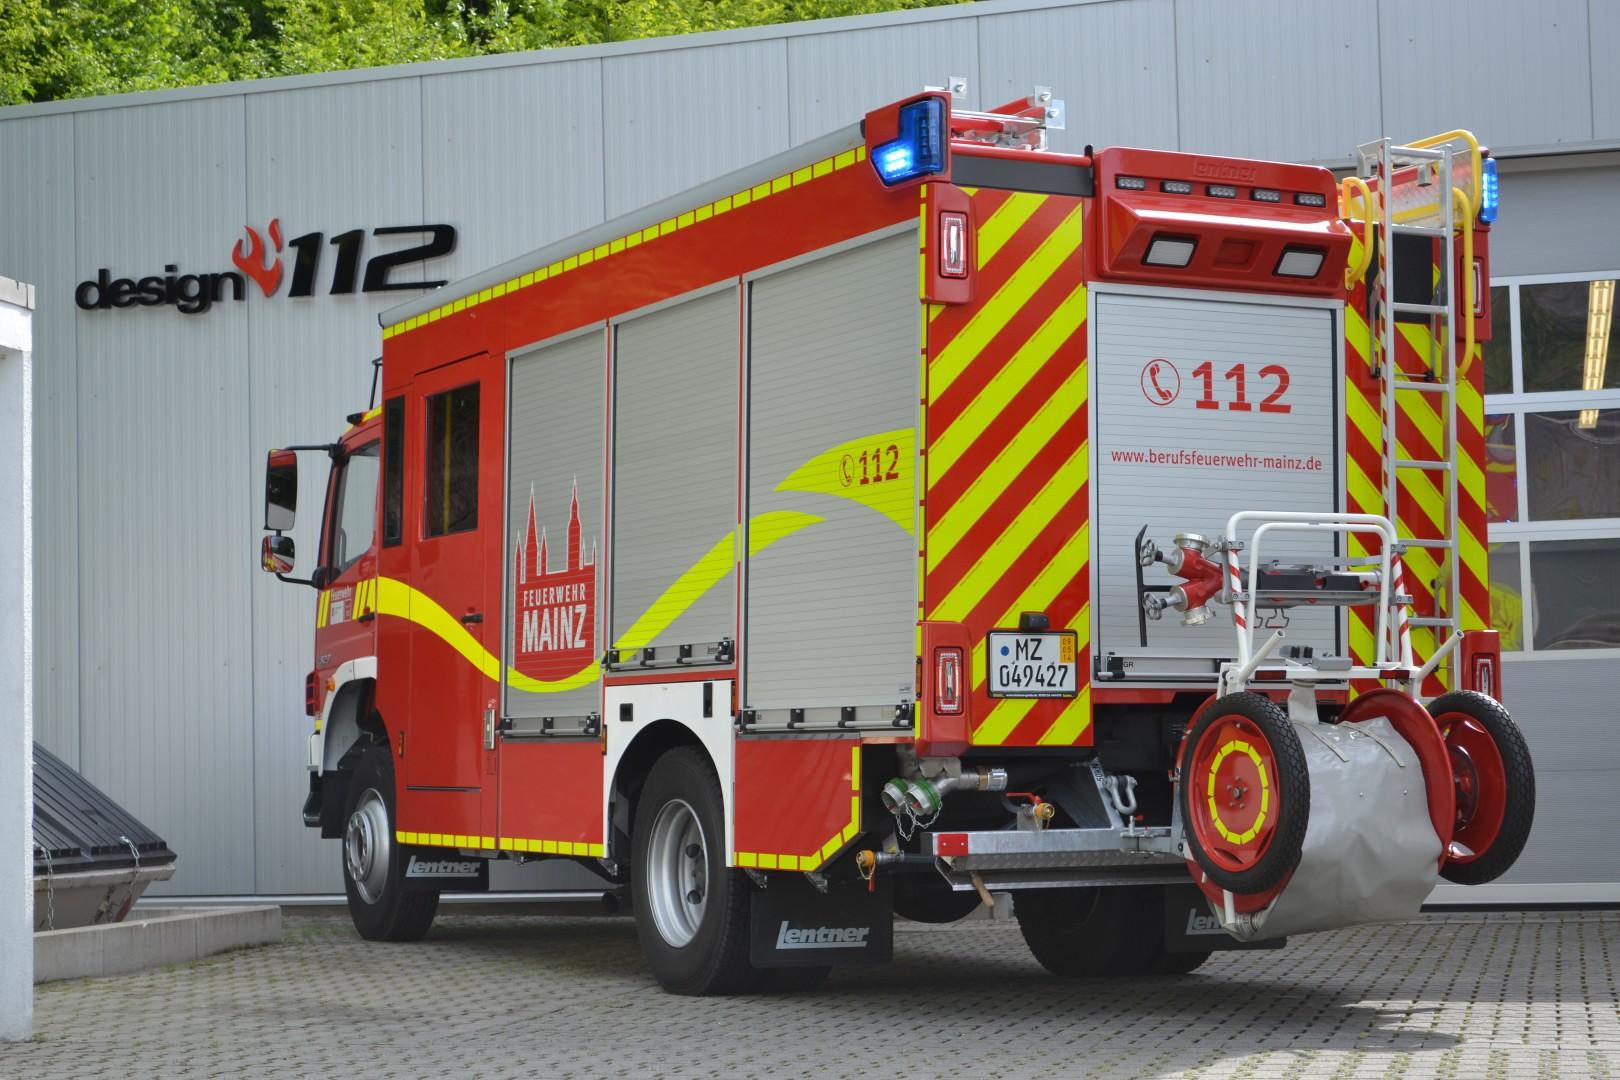 design112-feuerwehr-mainz-hlf20-warnmarkierung-large